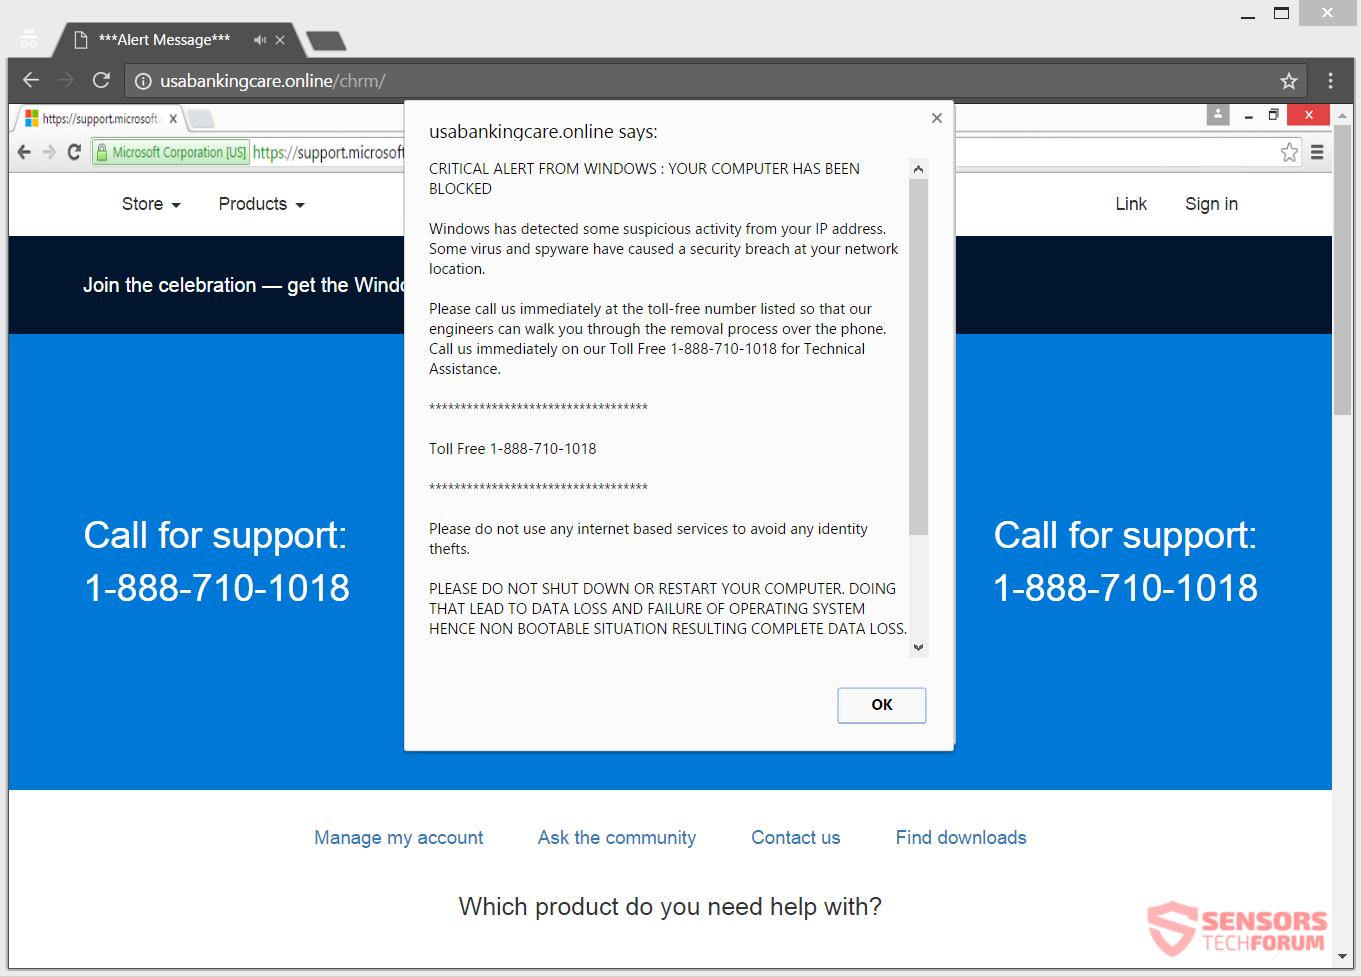 Ihr Computer Wurde Gesperrt Support Microsoft